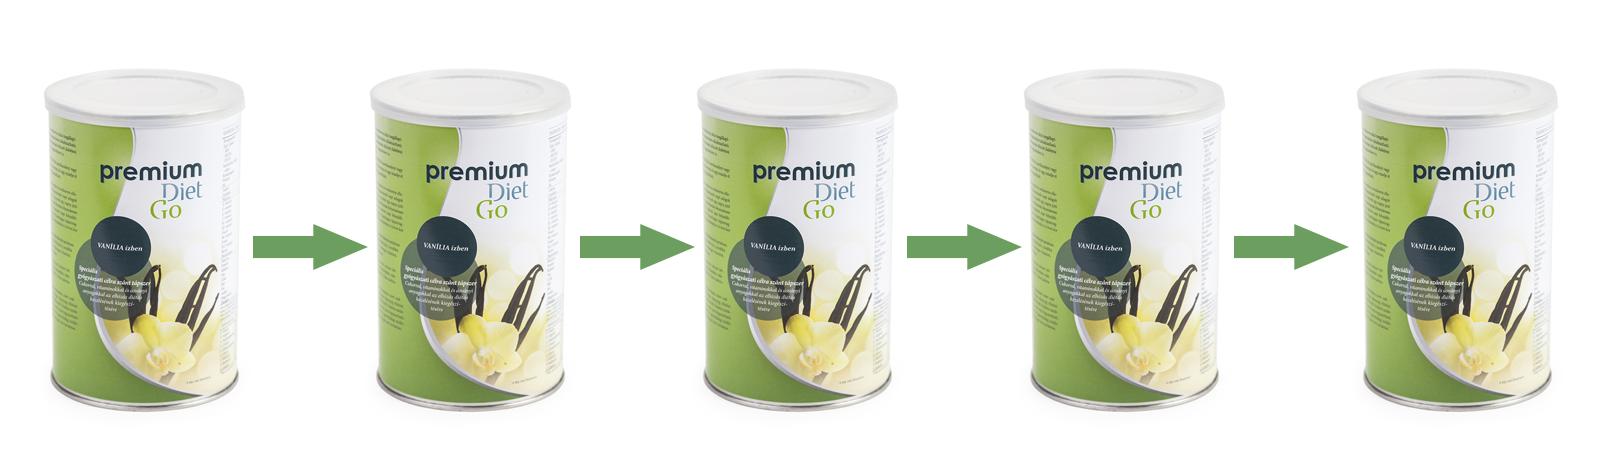 Napi 5x Premium Diet Go - jopatikus.hu